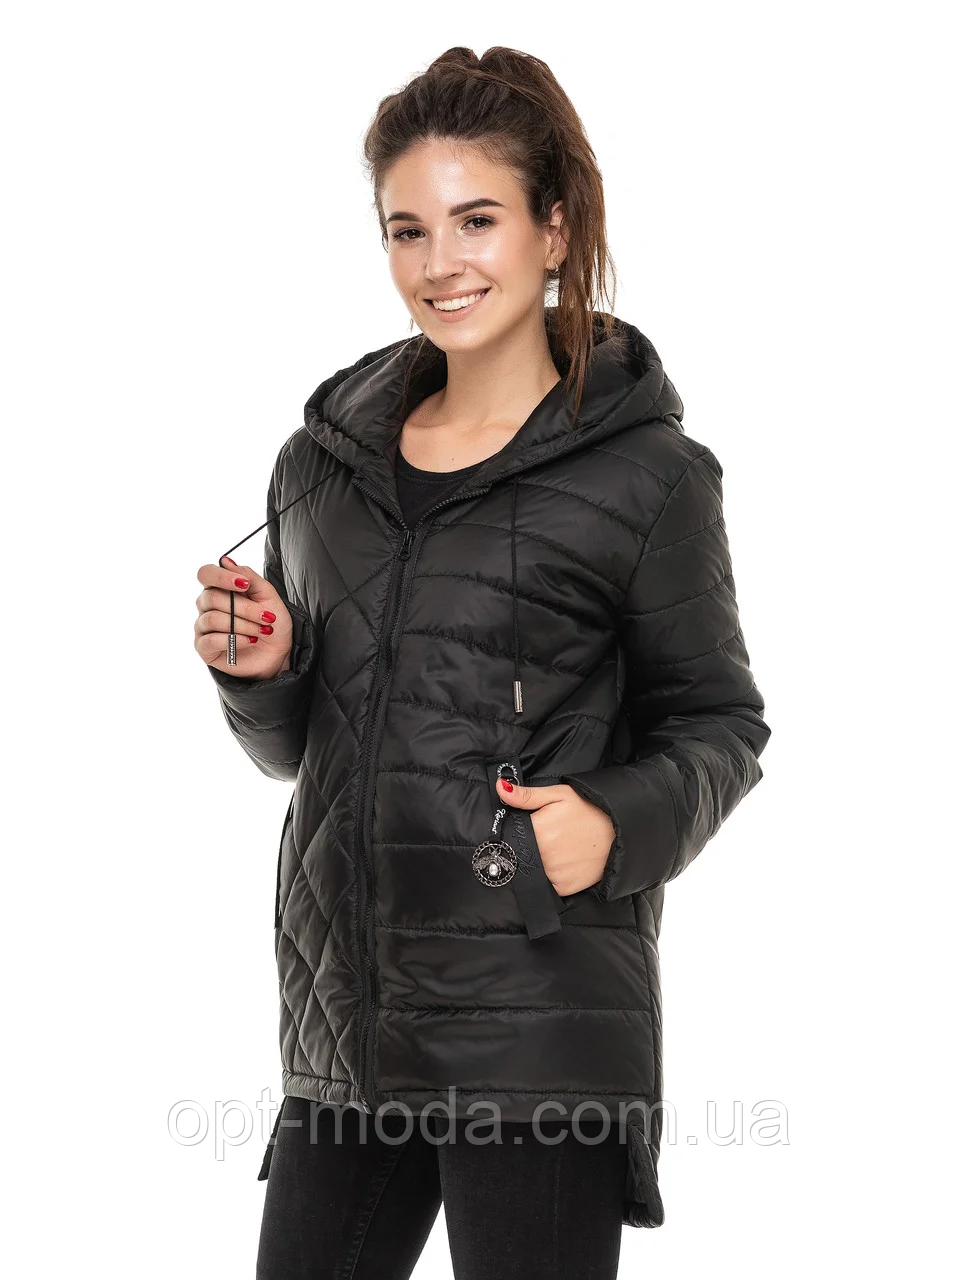 """Жіноча подовжена куртка з асиметричним низом великих розмірів """"Стелла"""""""